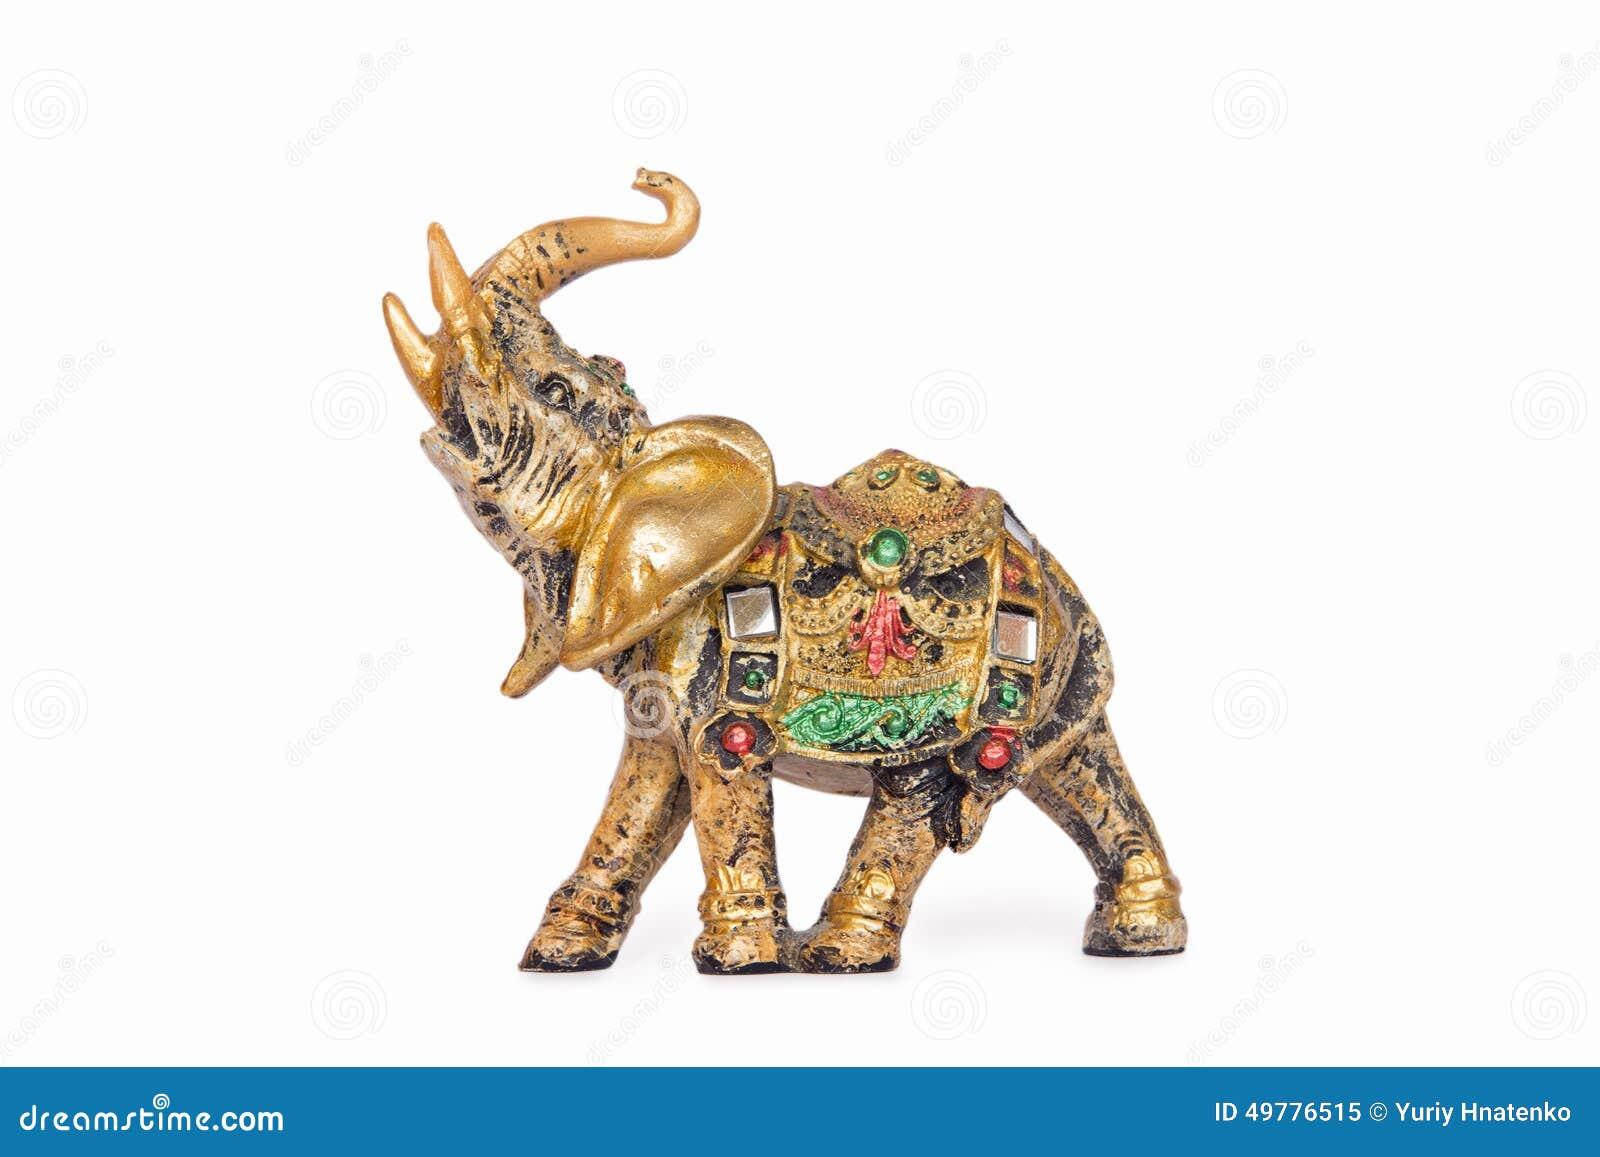 Estatuilla de un elefante